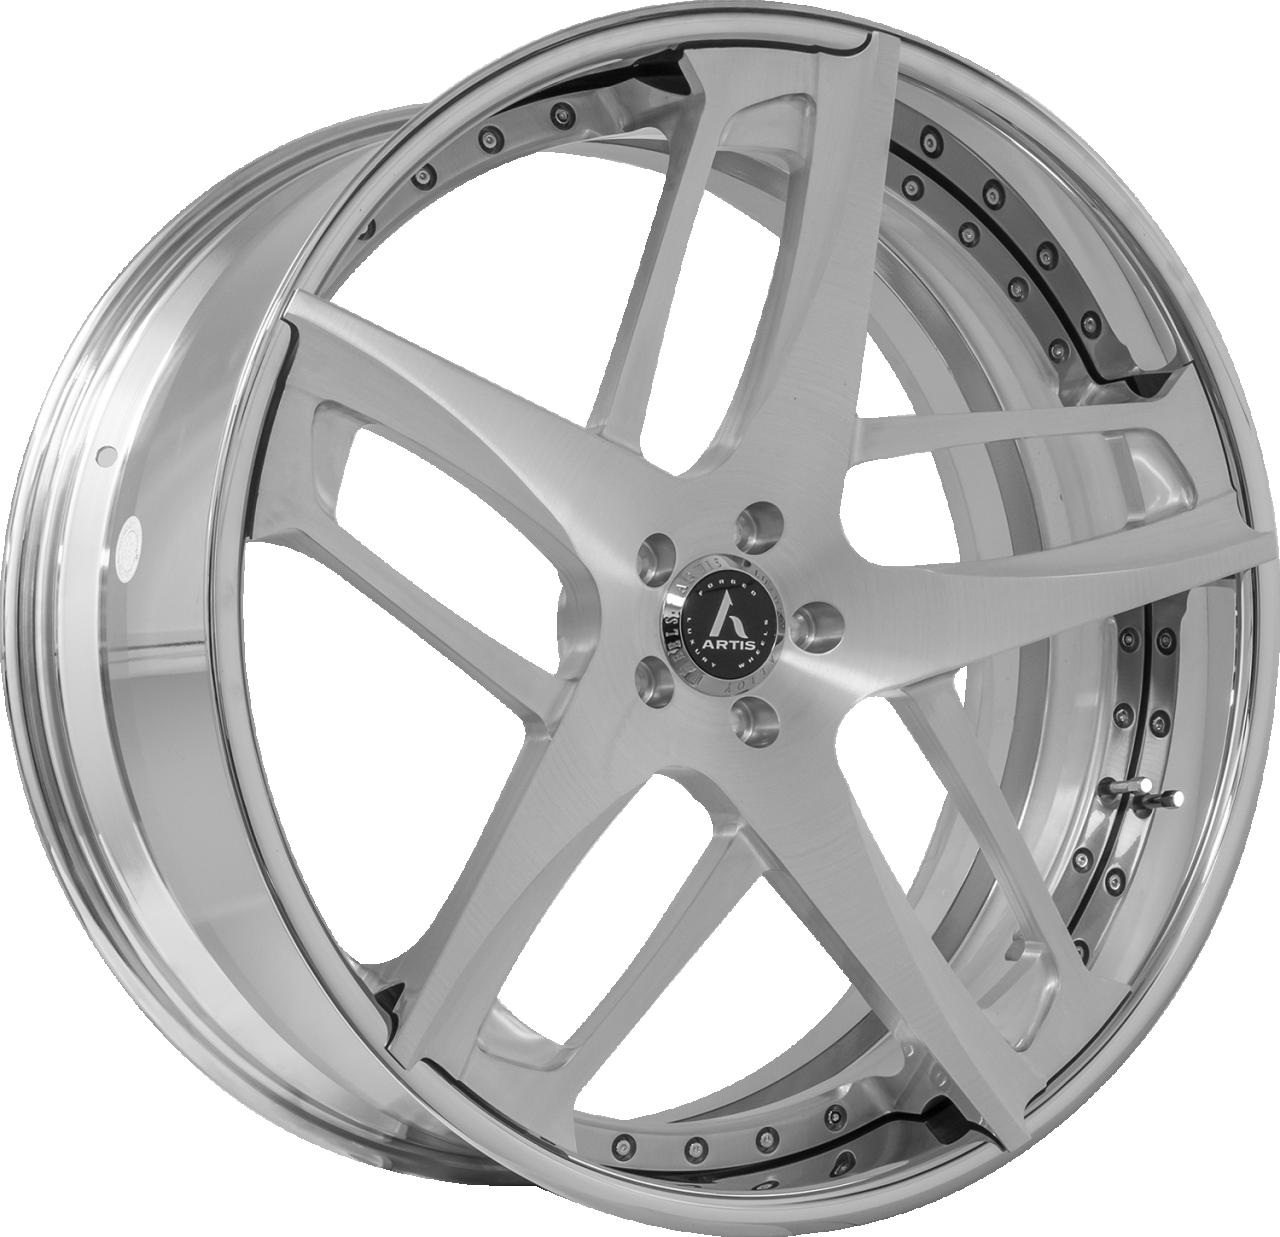 Artis Forged Bavaria wheel with Brushed finish